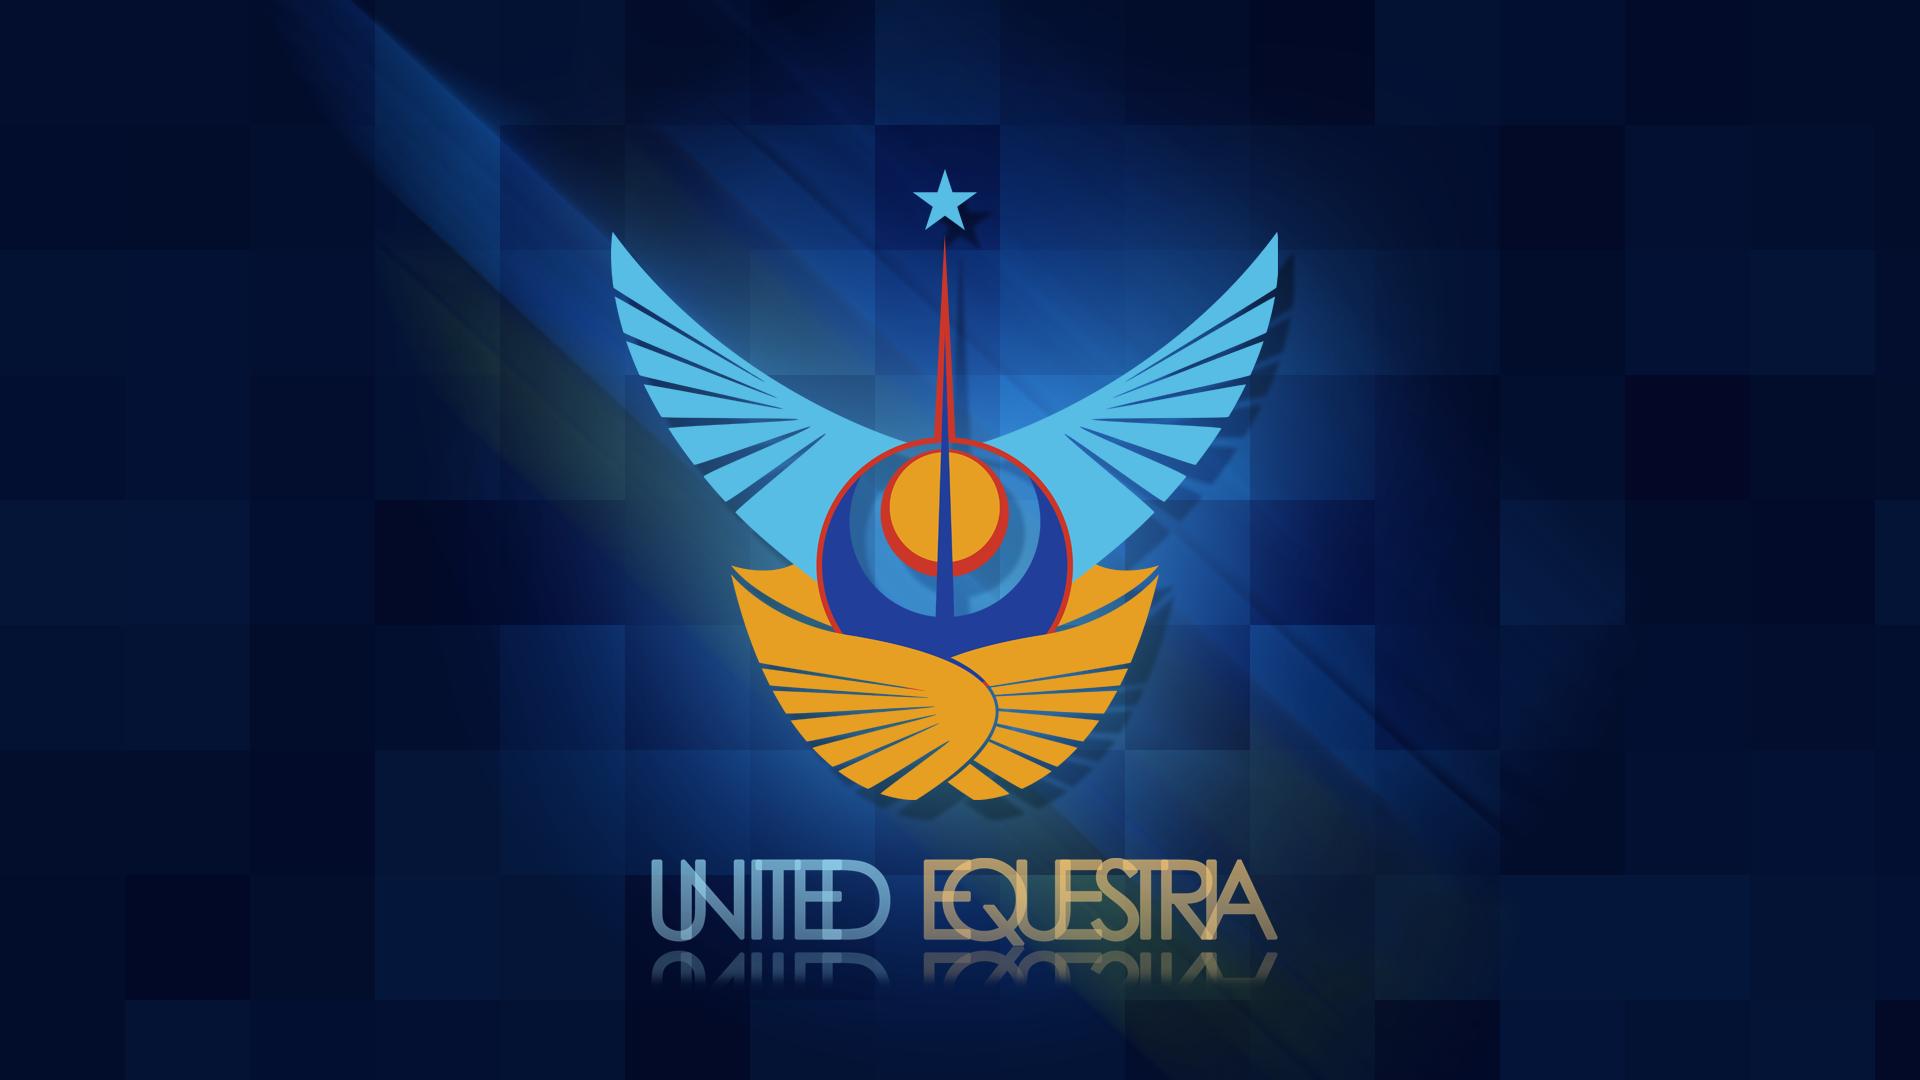 A United Equestria by ikonradx